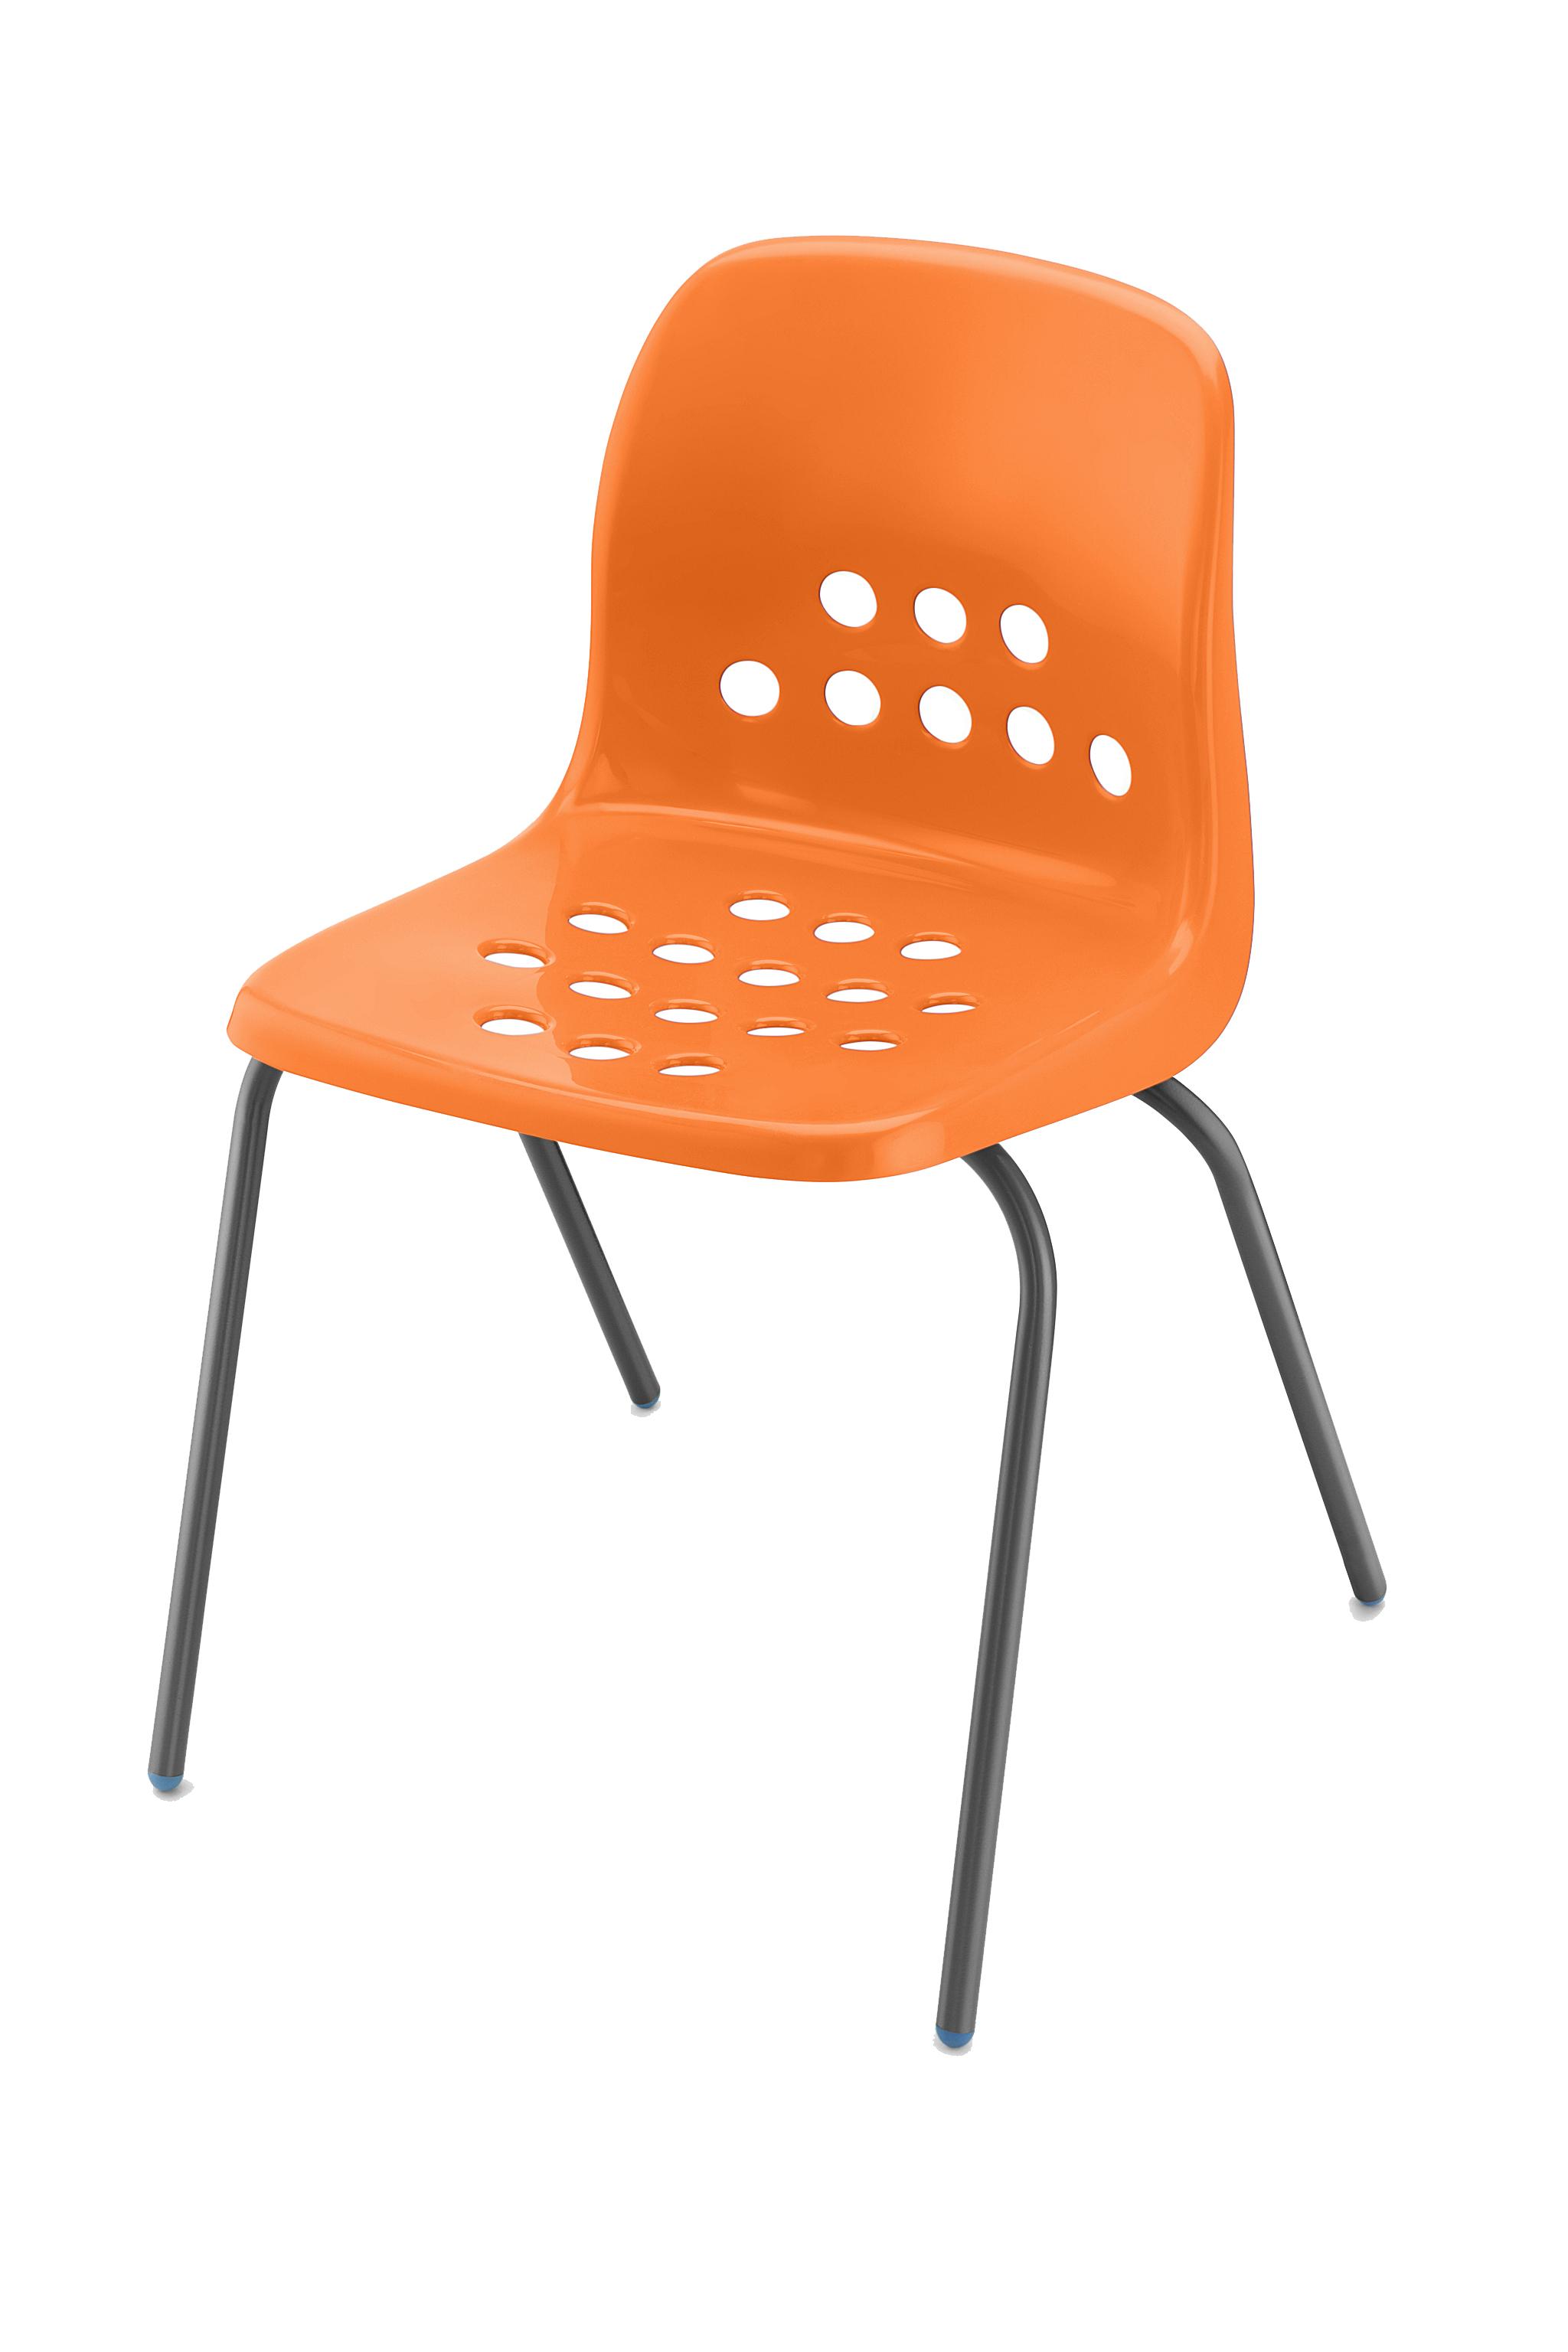 SG2062 orange